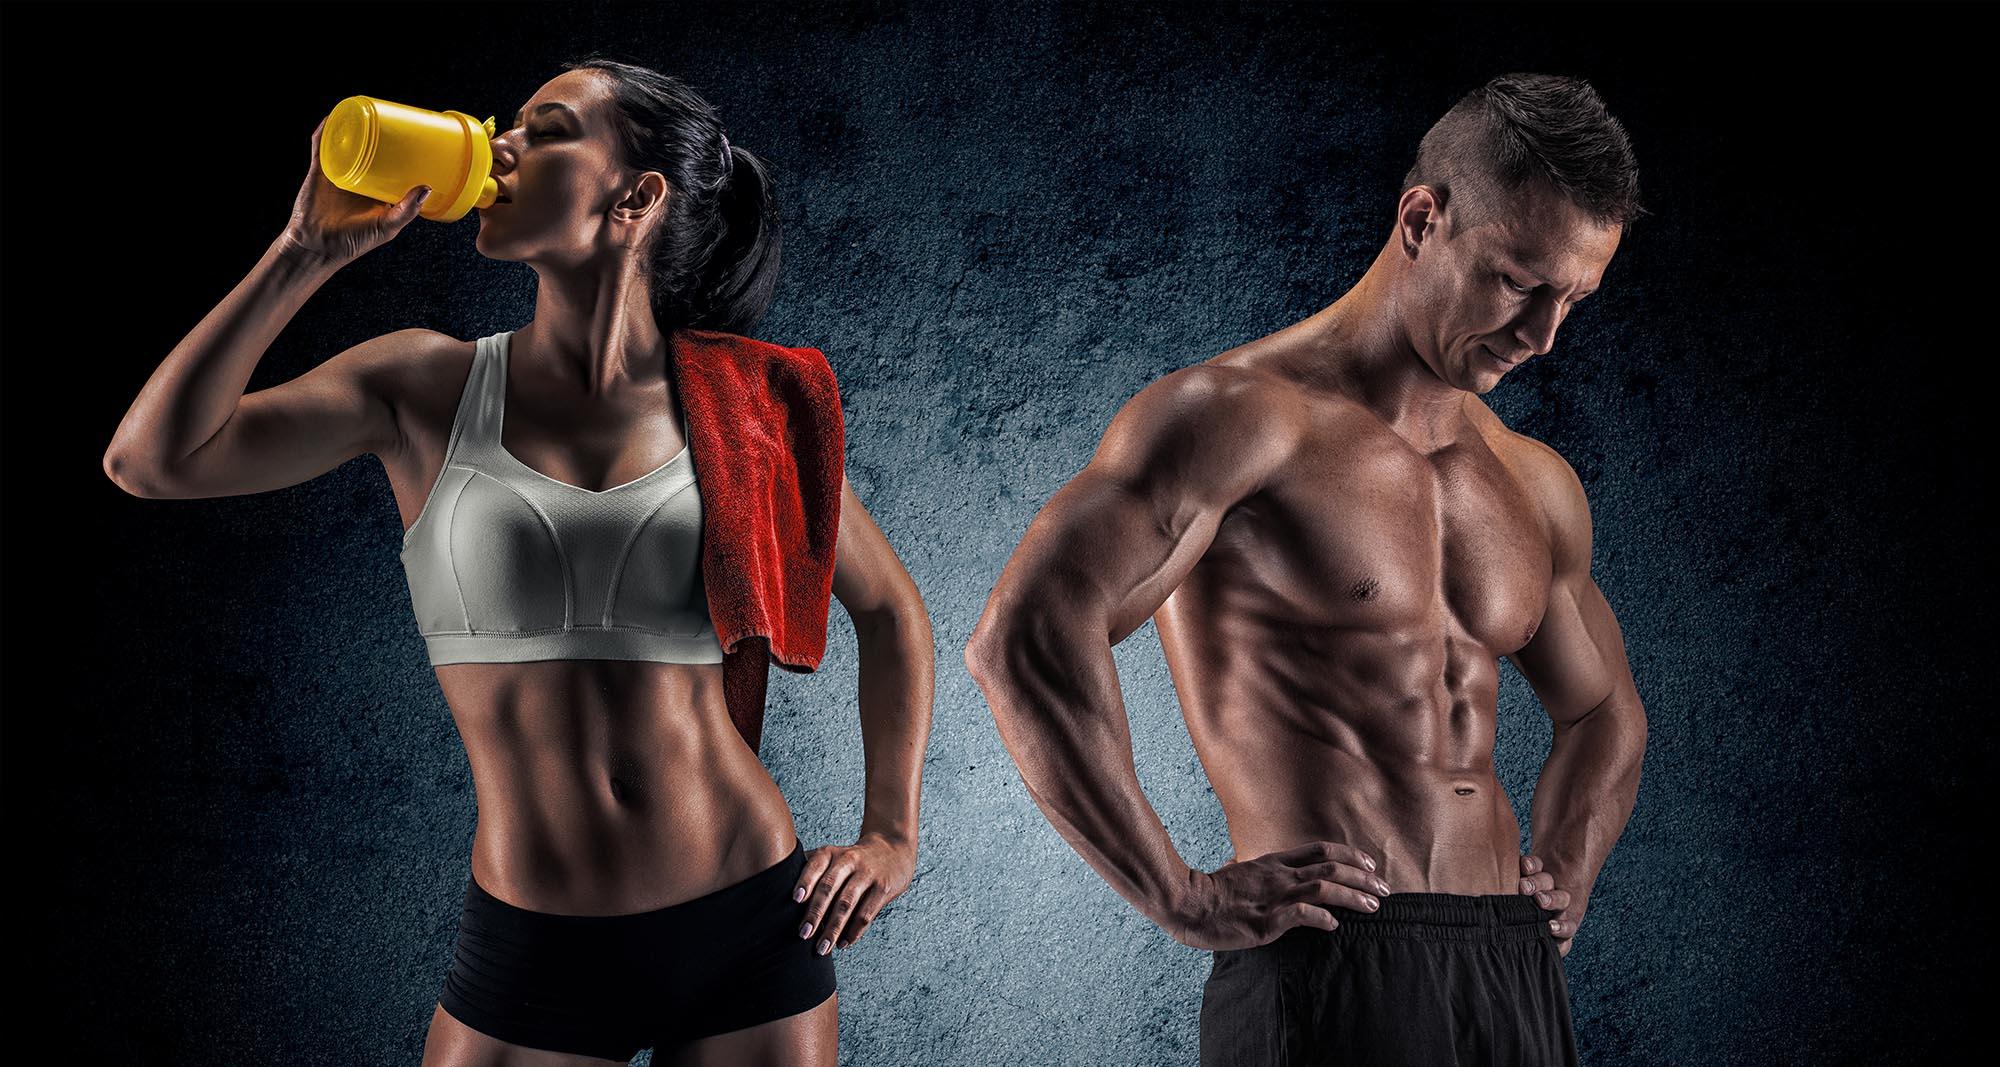 """fitness couple - СТЕНАБОЛИК(SR9009) - """"КАРДИО В БУТИЛКА"""", ФЕТ БЪРНЪР ОТ НОВО ПОКОЛЕНИЕ, ОПИСАНИЕ, ДОЗИ, ПРЕДИМСТВА"""